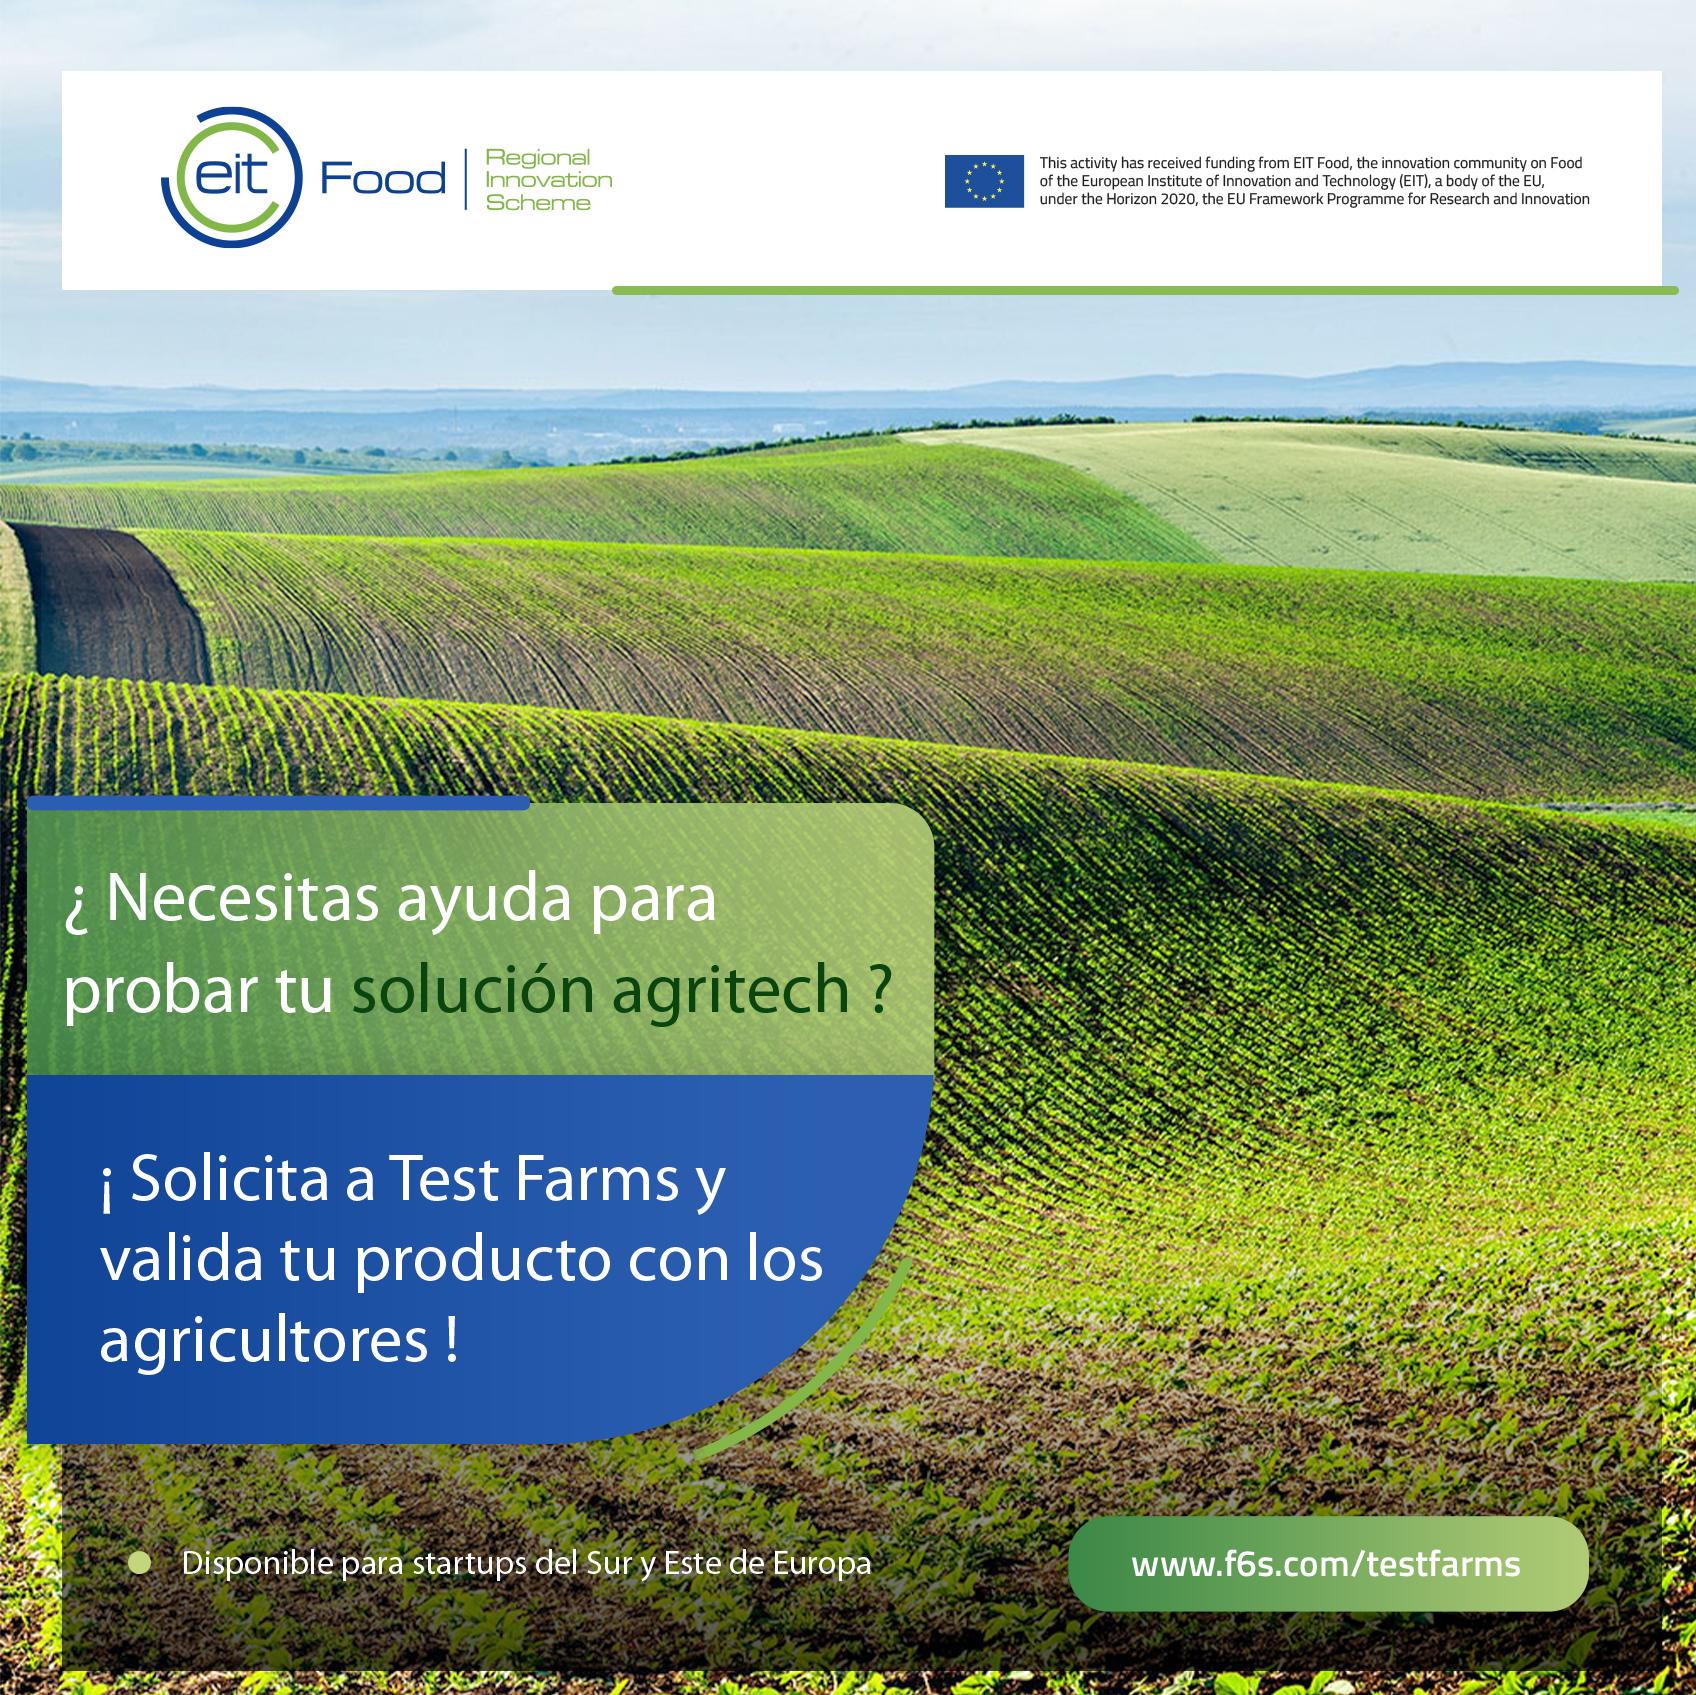 Test Farms: oportunidad para probar productos o servicios innovadores con los agricultores